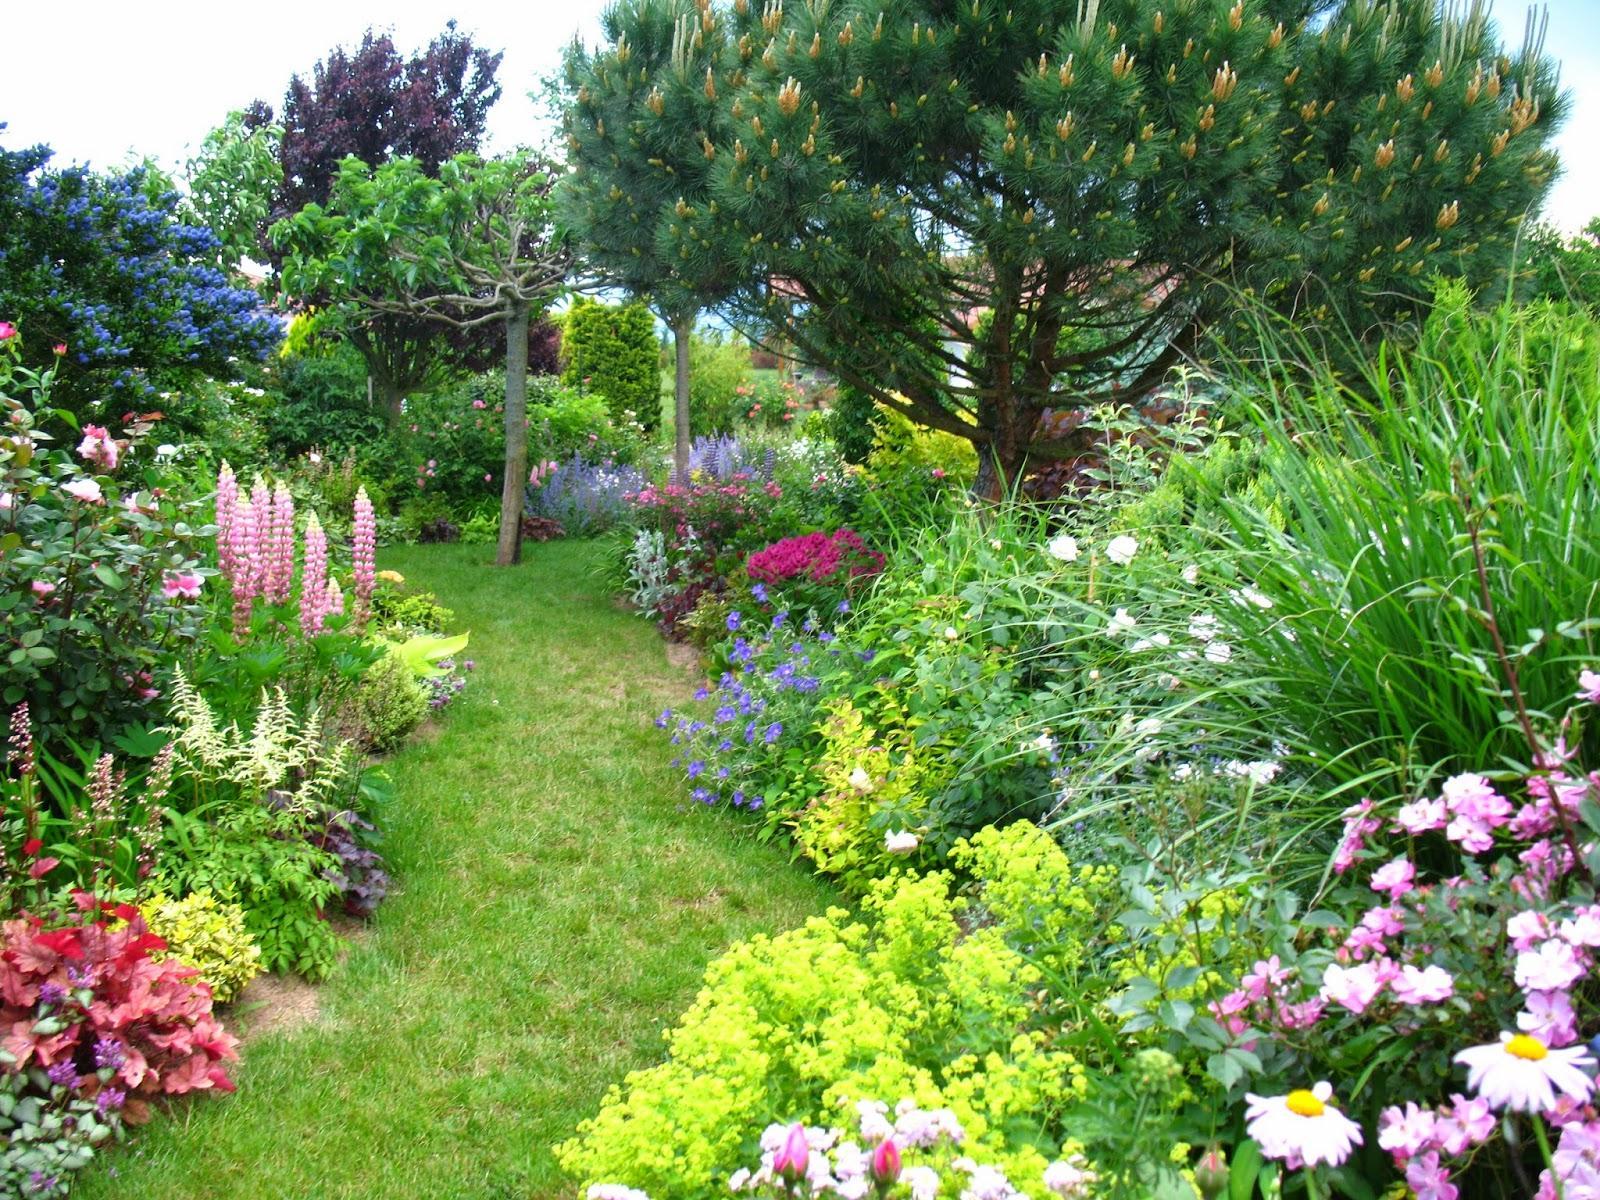 Záhrada,ktorá ťa nikdy neomrzí...divoká a krásna - Obrázok č. 103